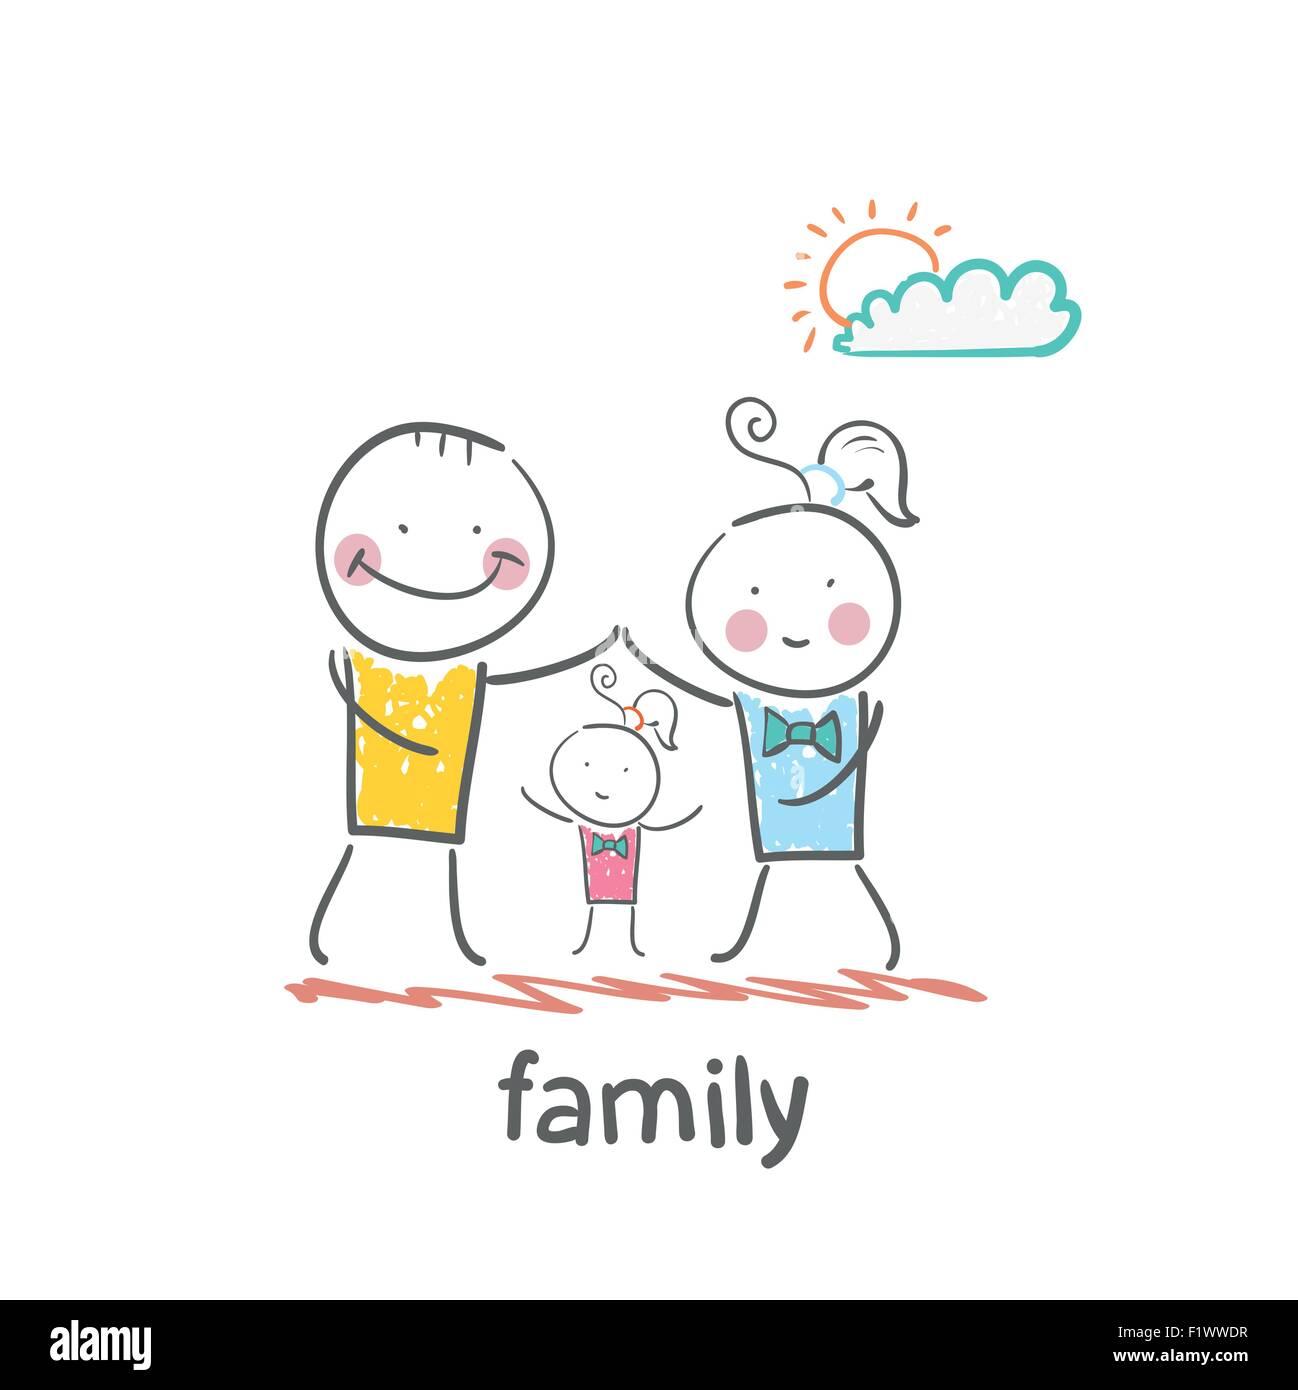 Familie Lustige Cartoon Stil Abbildung Die Situation Des Lebens